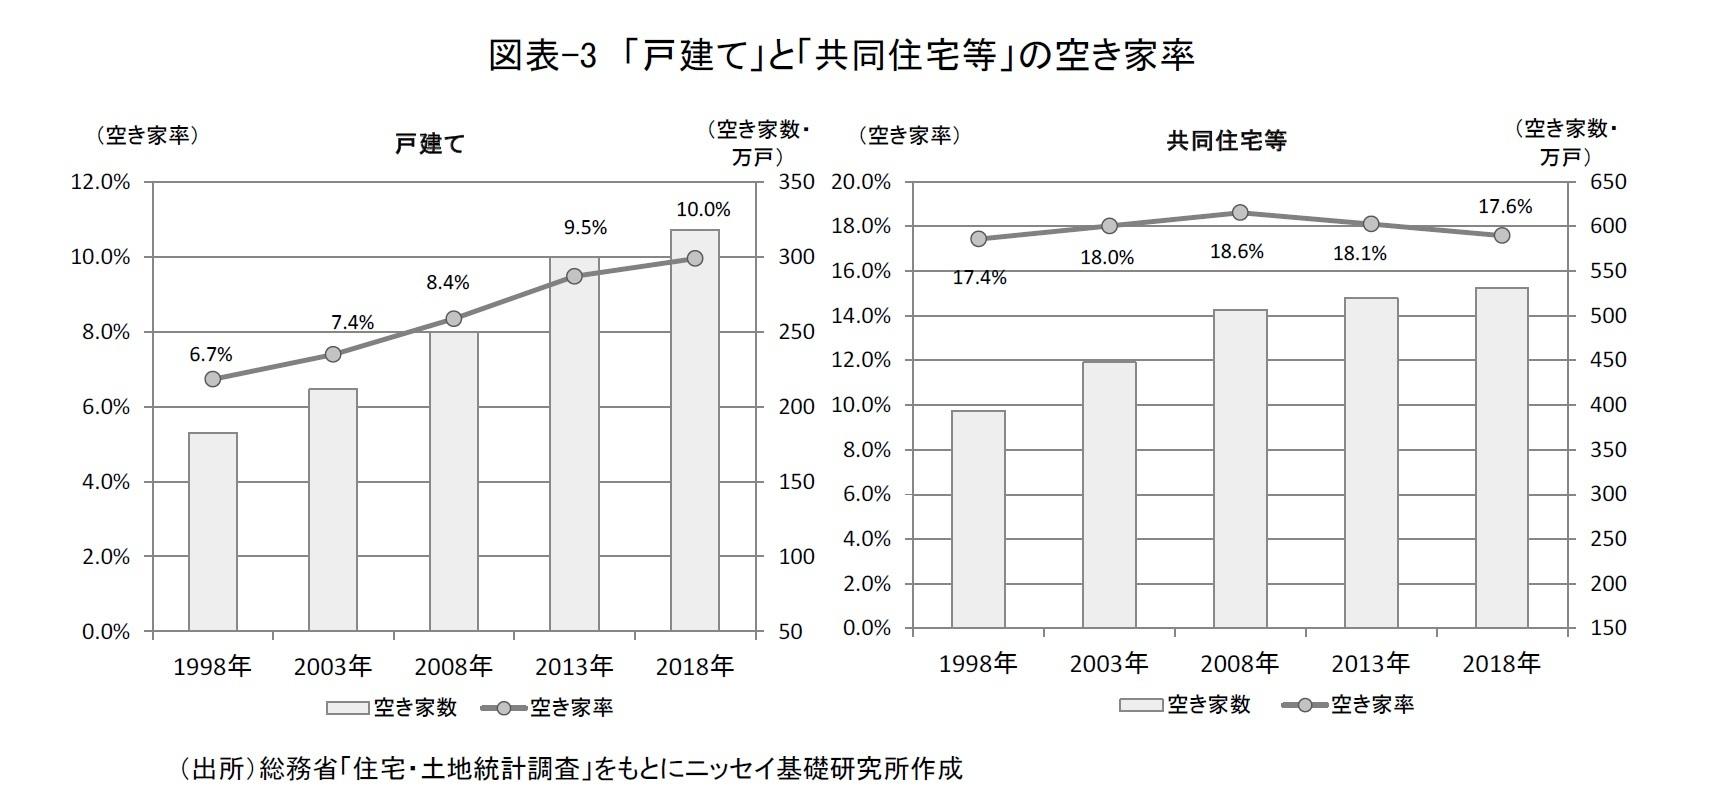 図表-3 「戸建て」と「共同住宅等」の空き家率